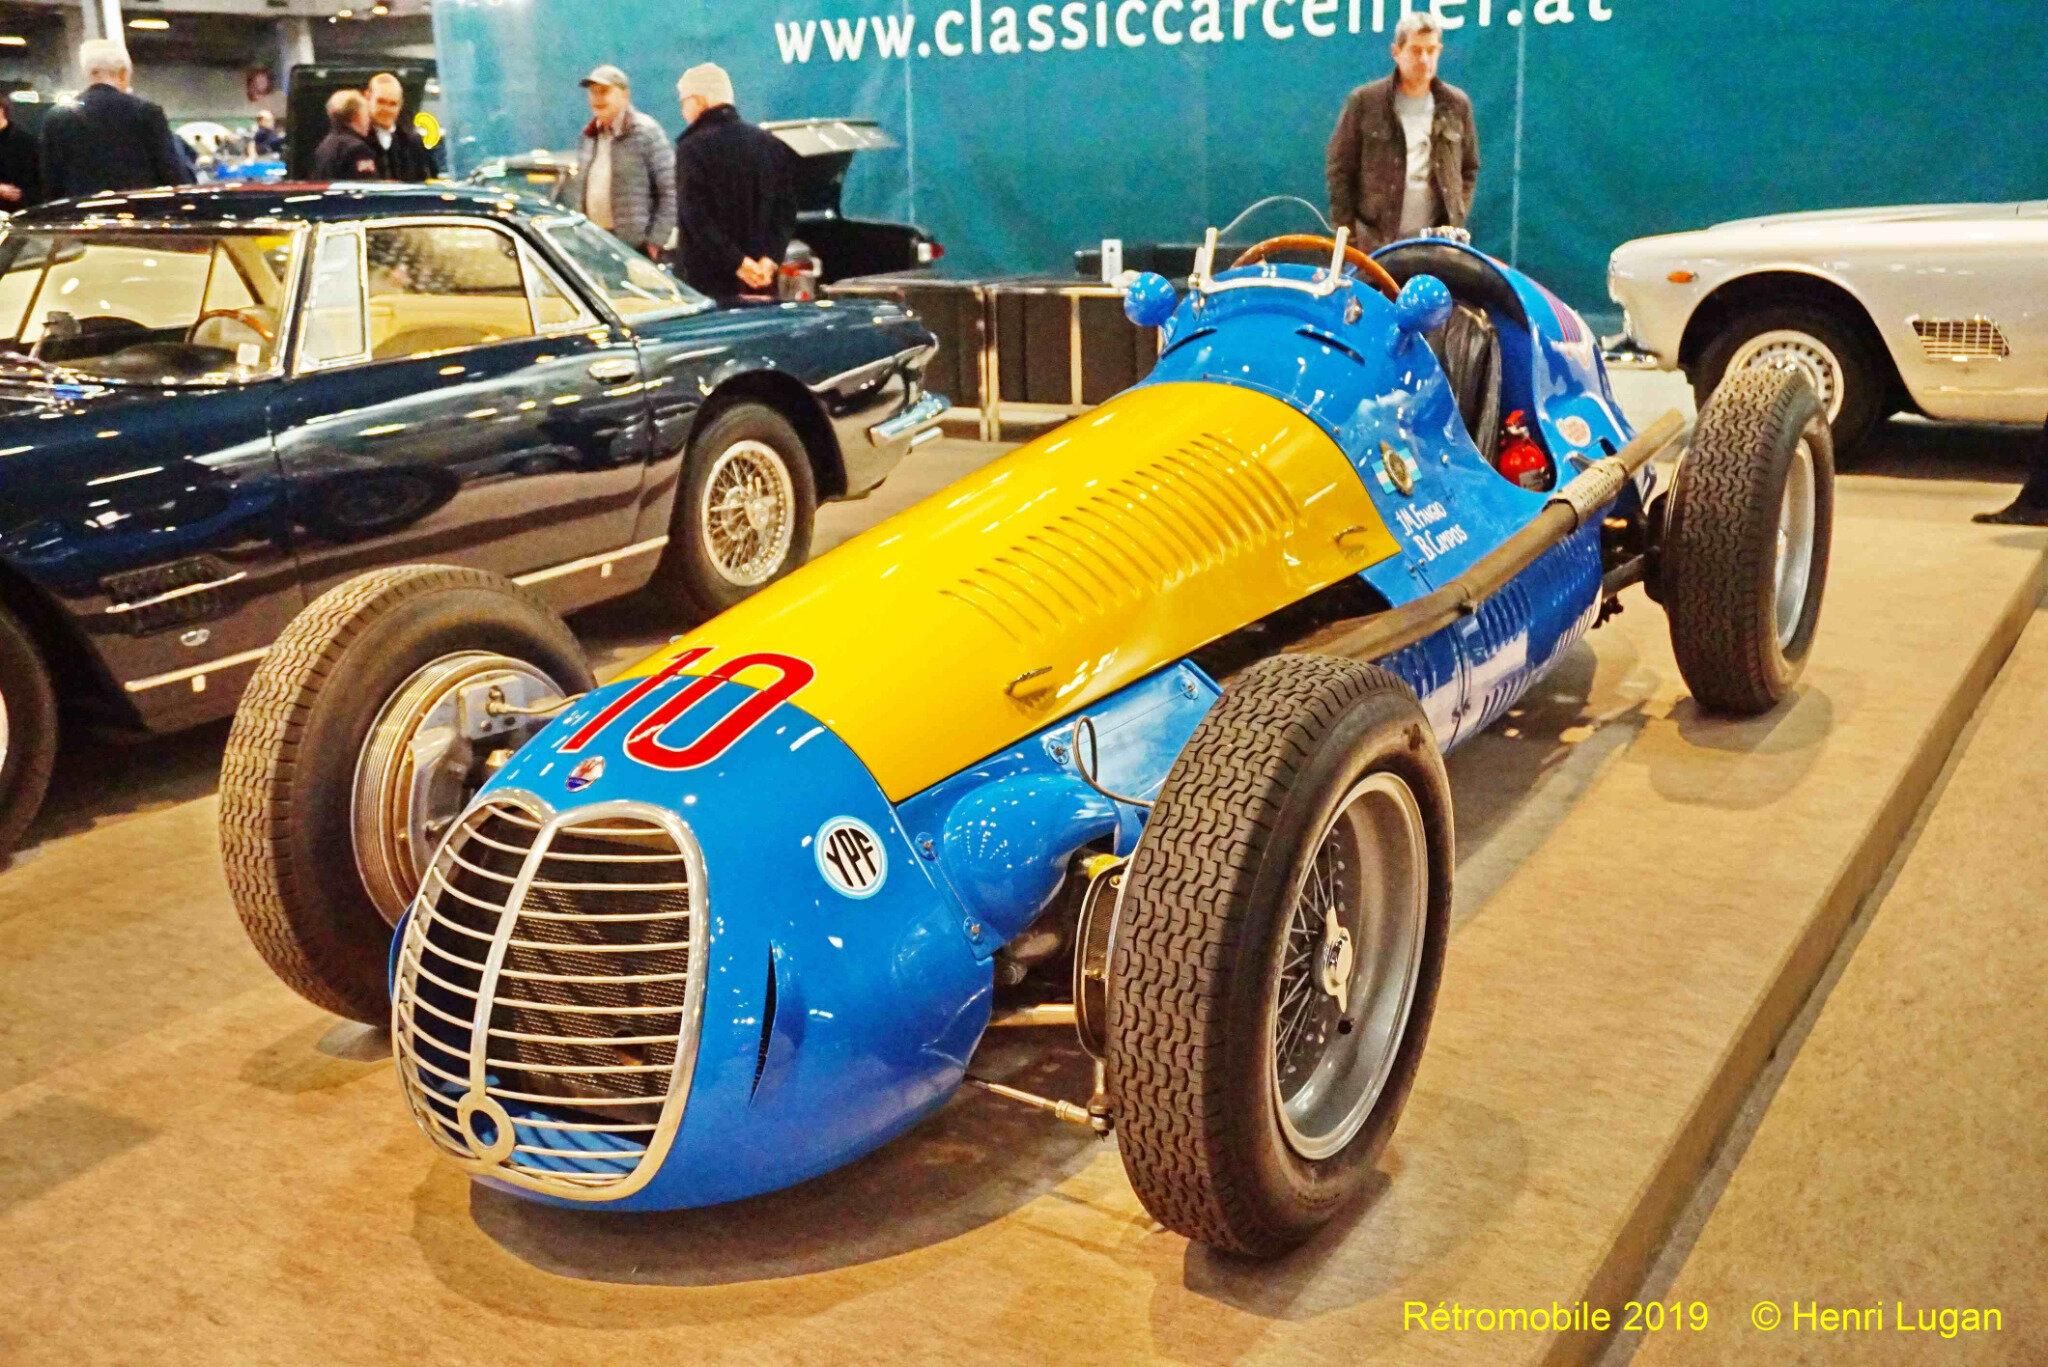 Maserati 4 CLT (ex